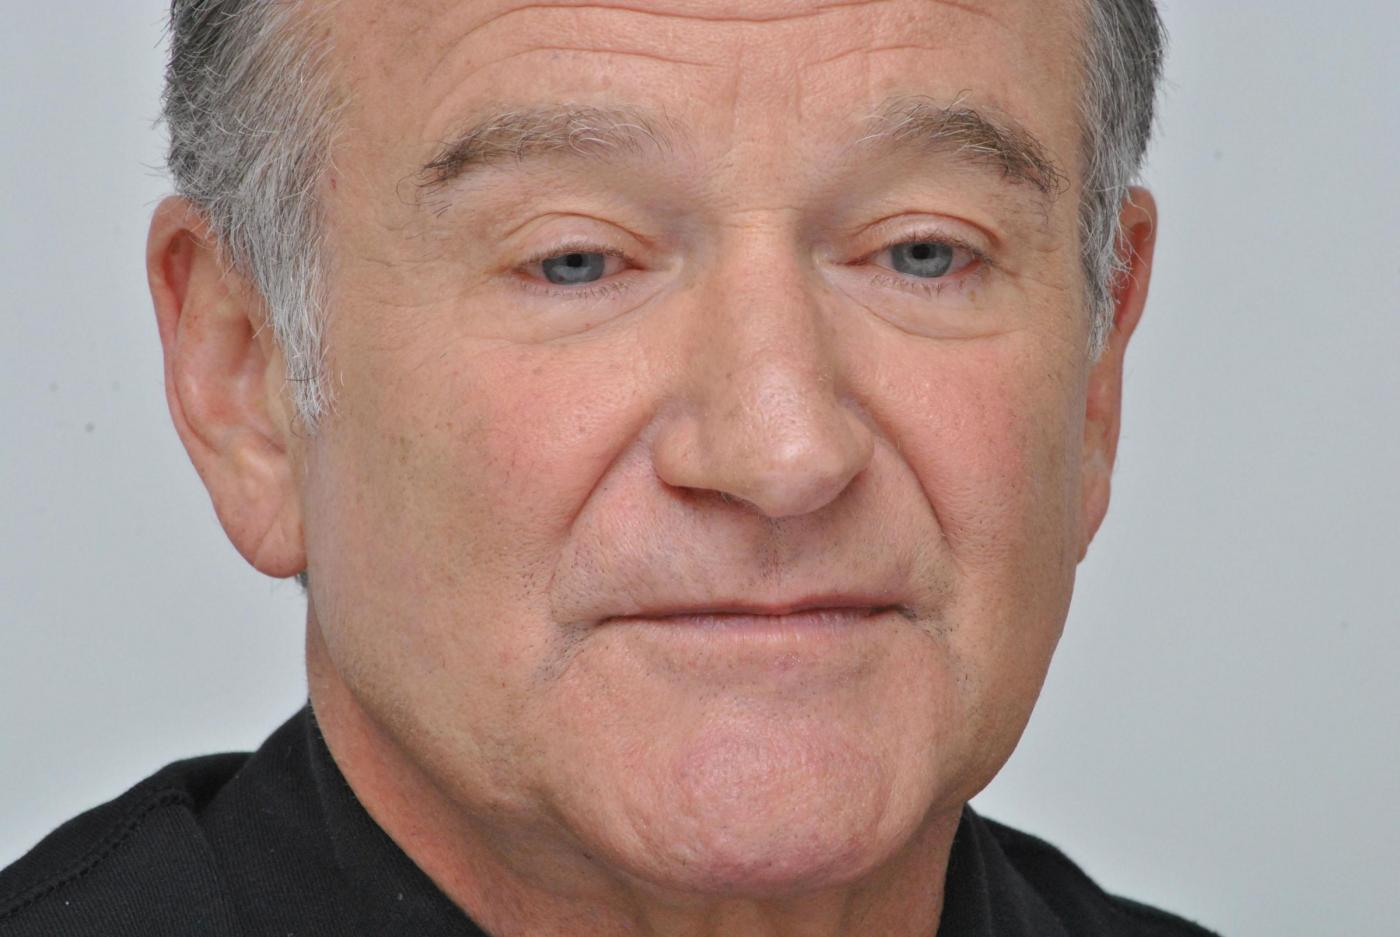 Robin Williams morto, funerali in forma privata. La moglie rivela: 'Soffriva di depressione e Parkinson'